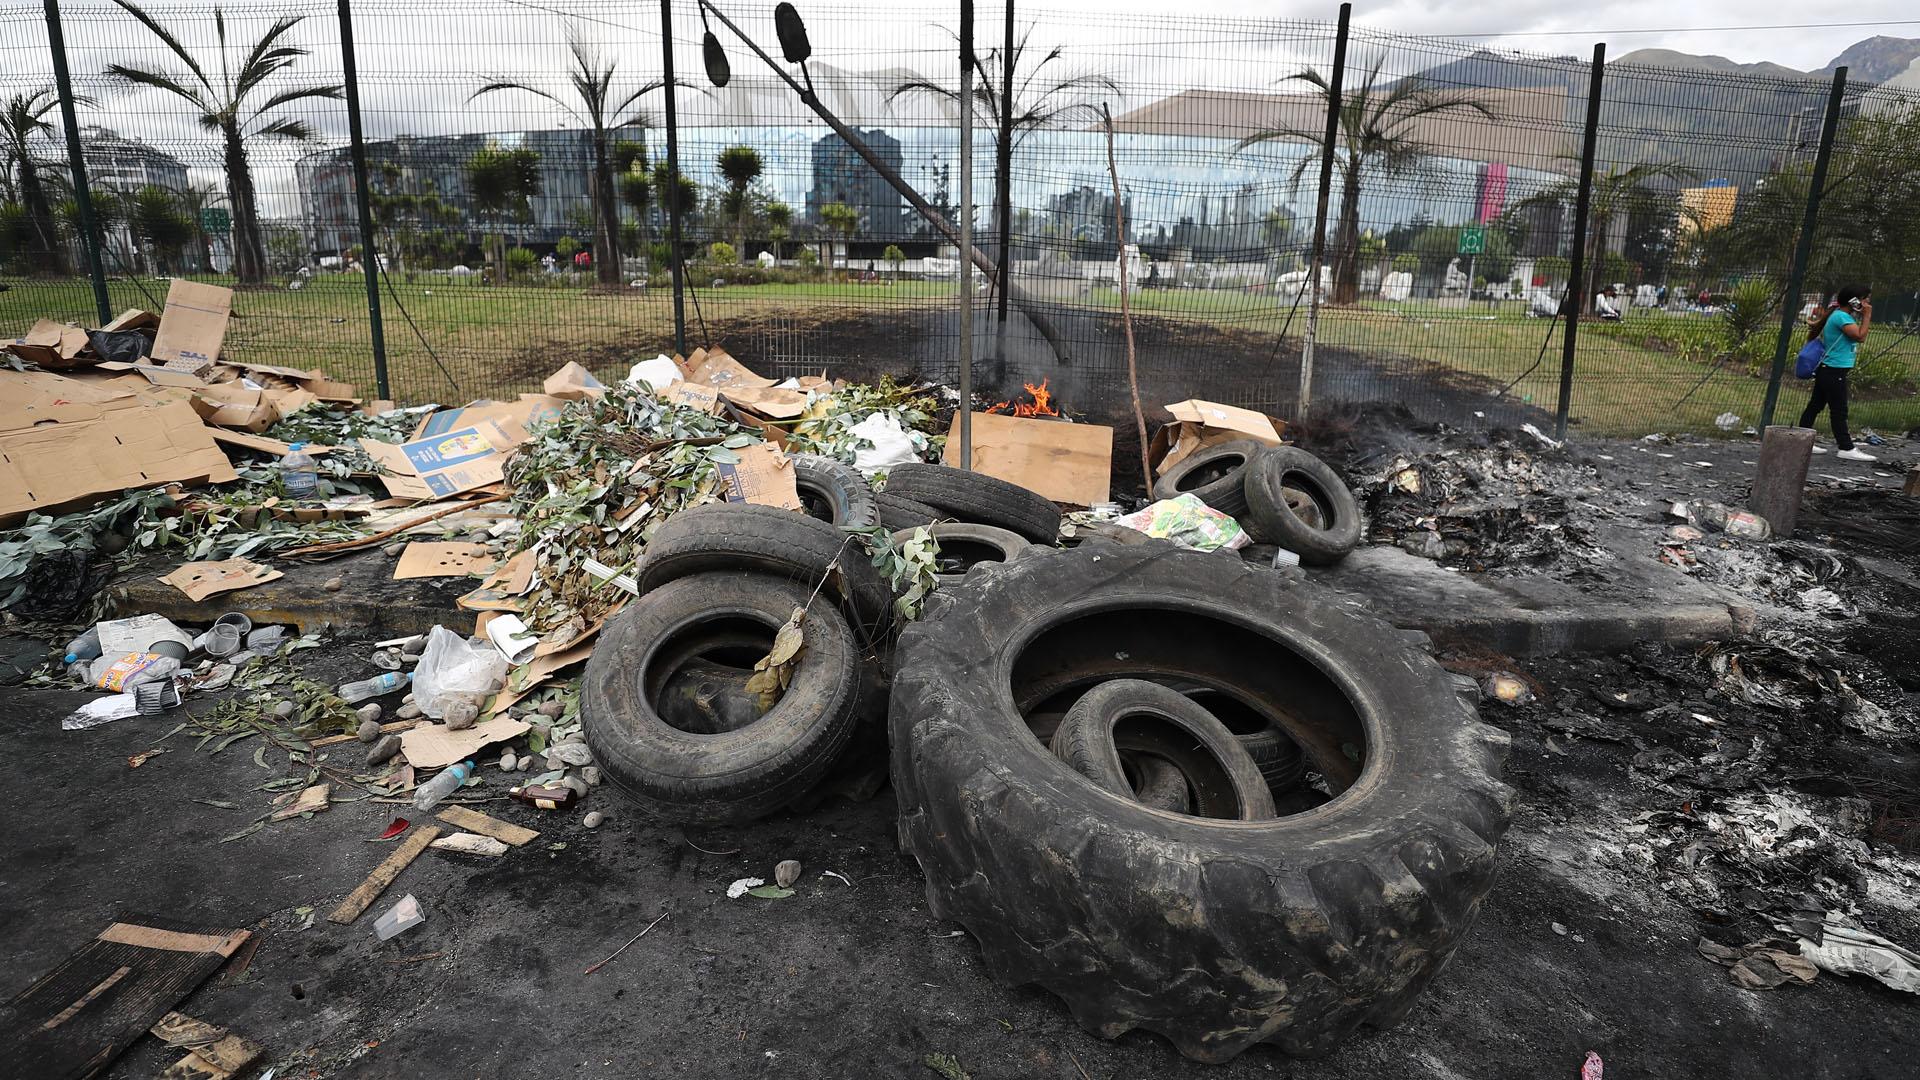 Escombros, llantas y barricadas en una calle tras los choques entre la policía y manifestantes. Foto de EFE